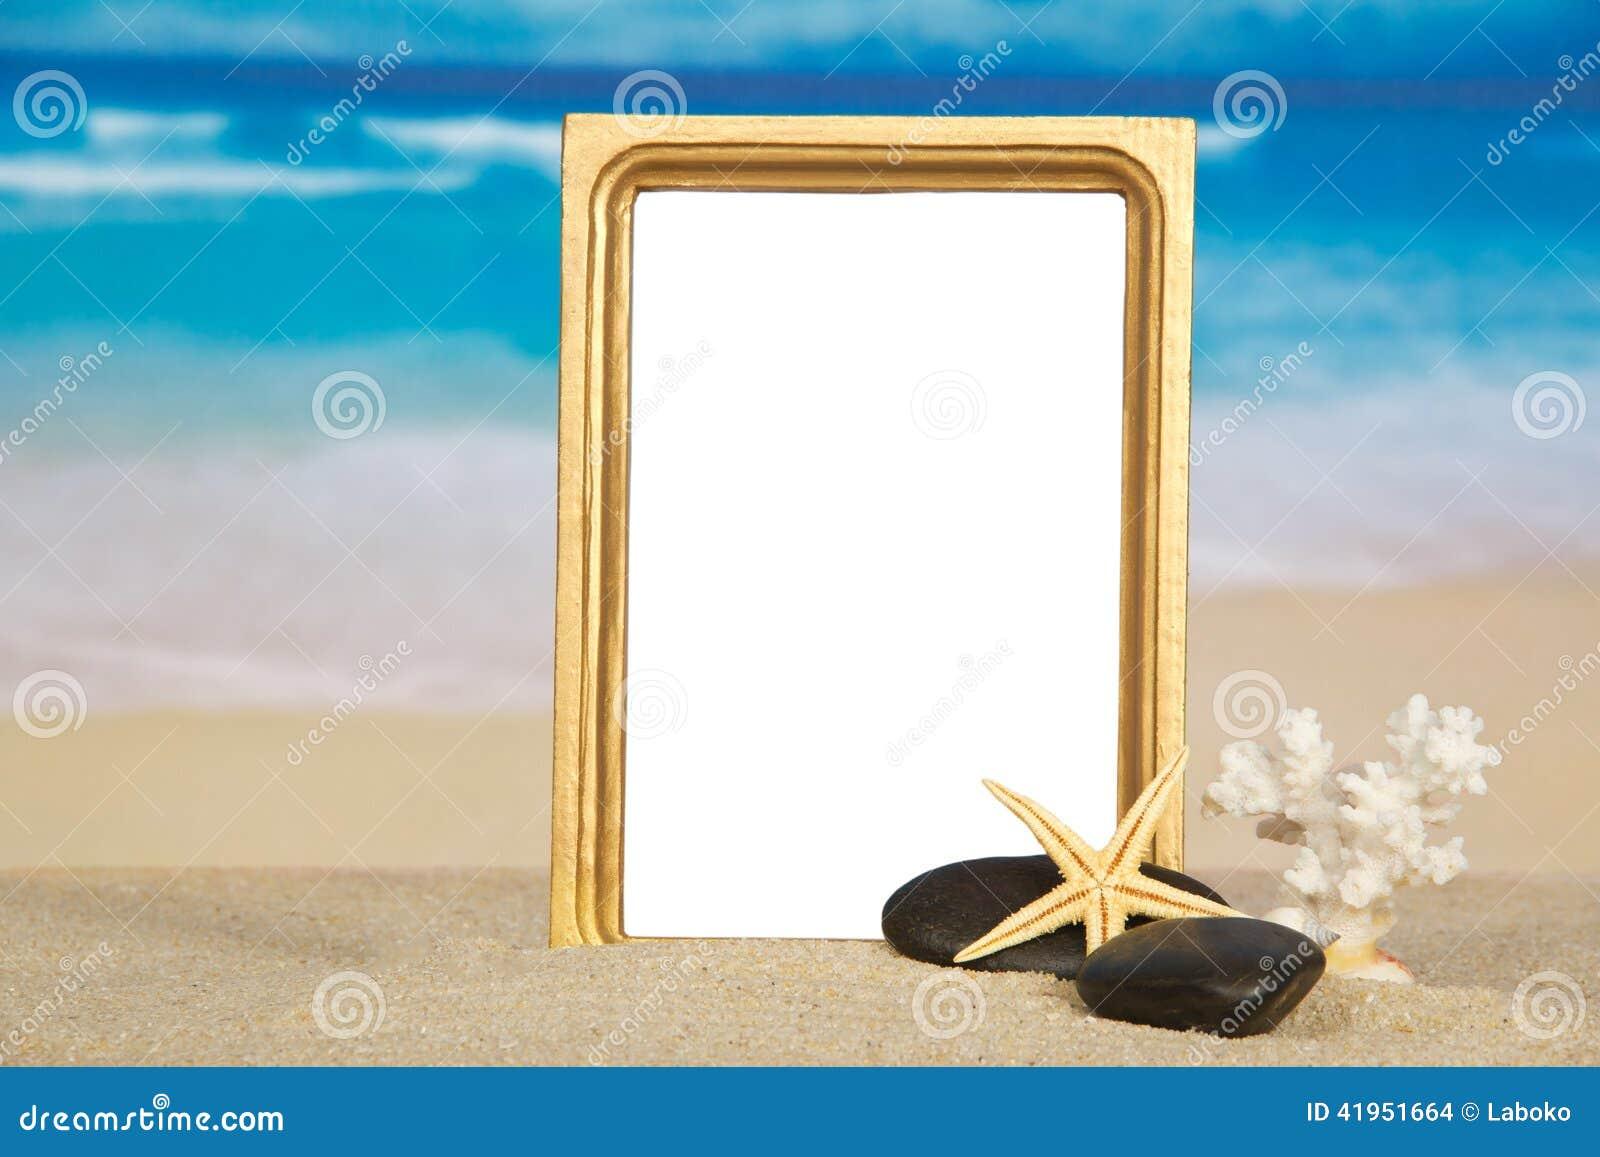 Piękna rama, rozgwiazda, koral i otoczak,